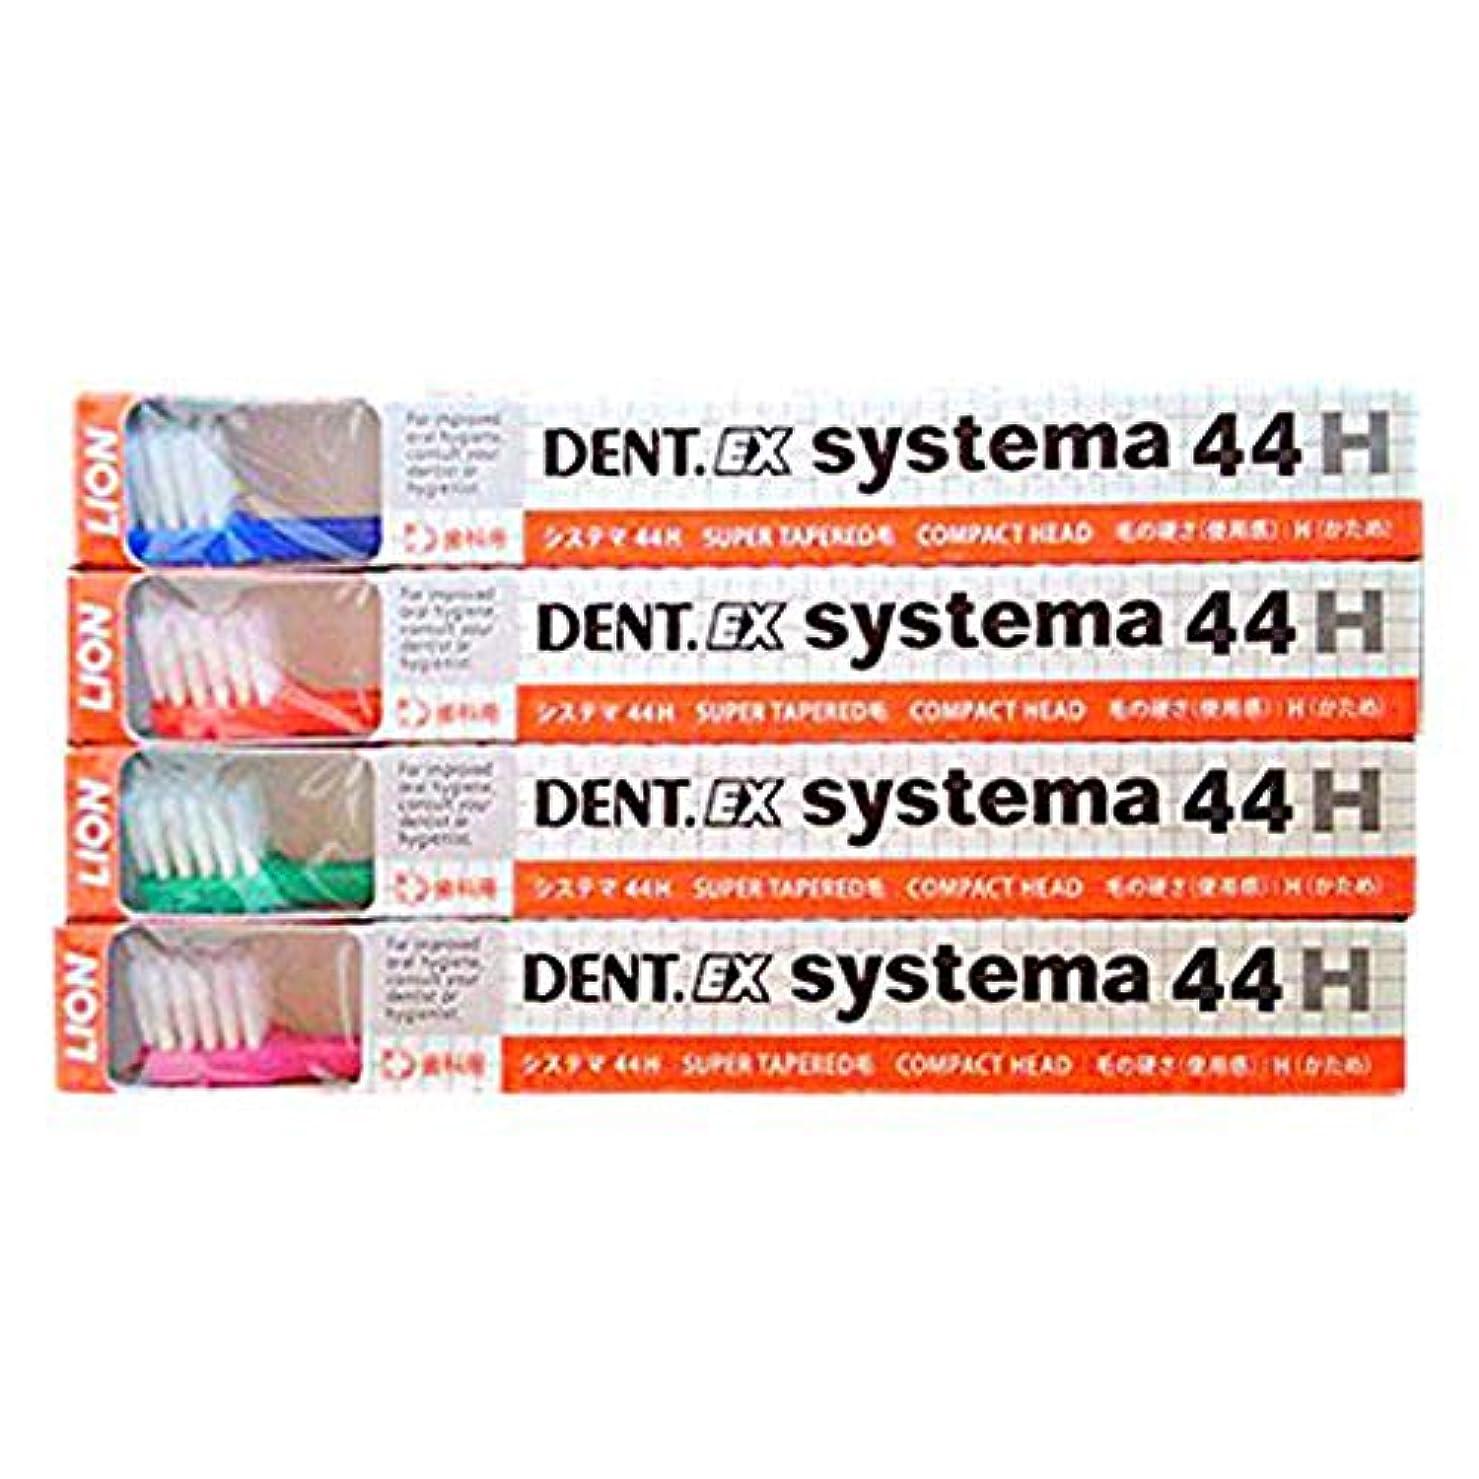 とまり木何故なの緩めるデント 歯ブラシ DENT EX システマ 4色アソート 20本入り 44H